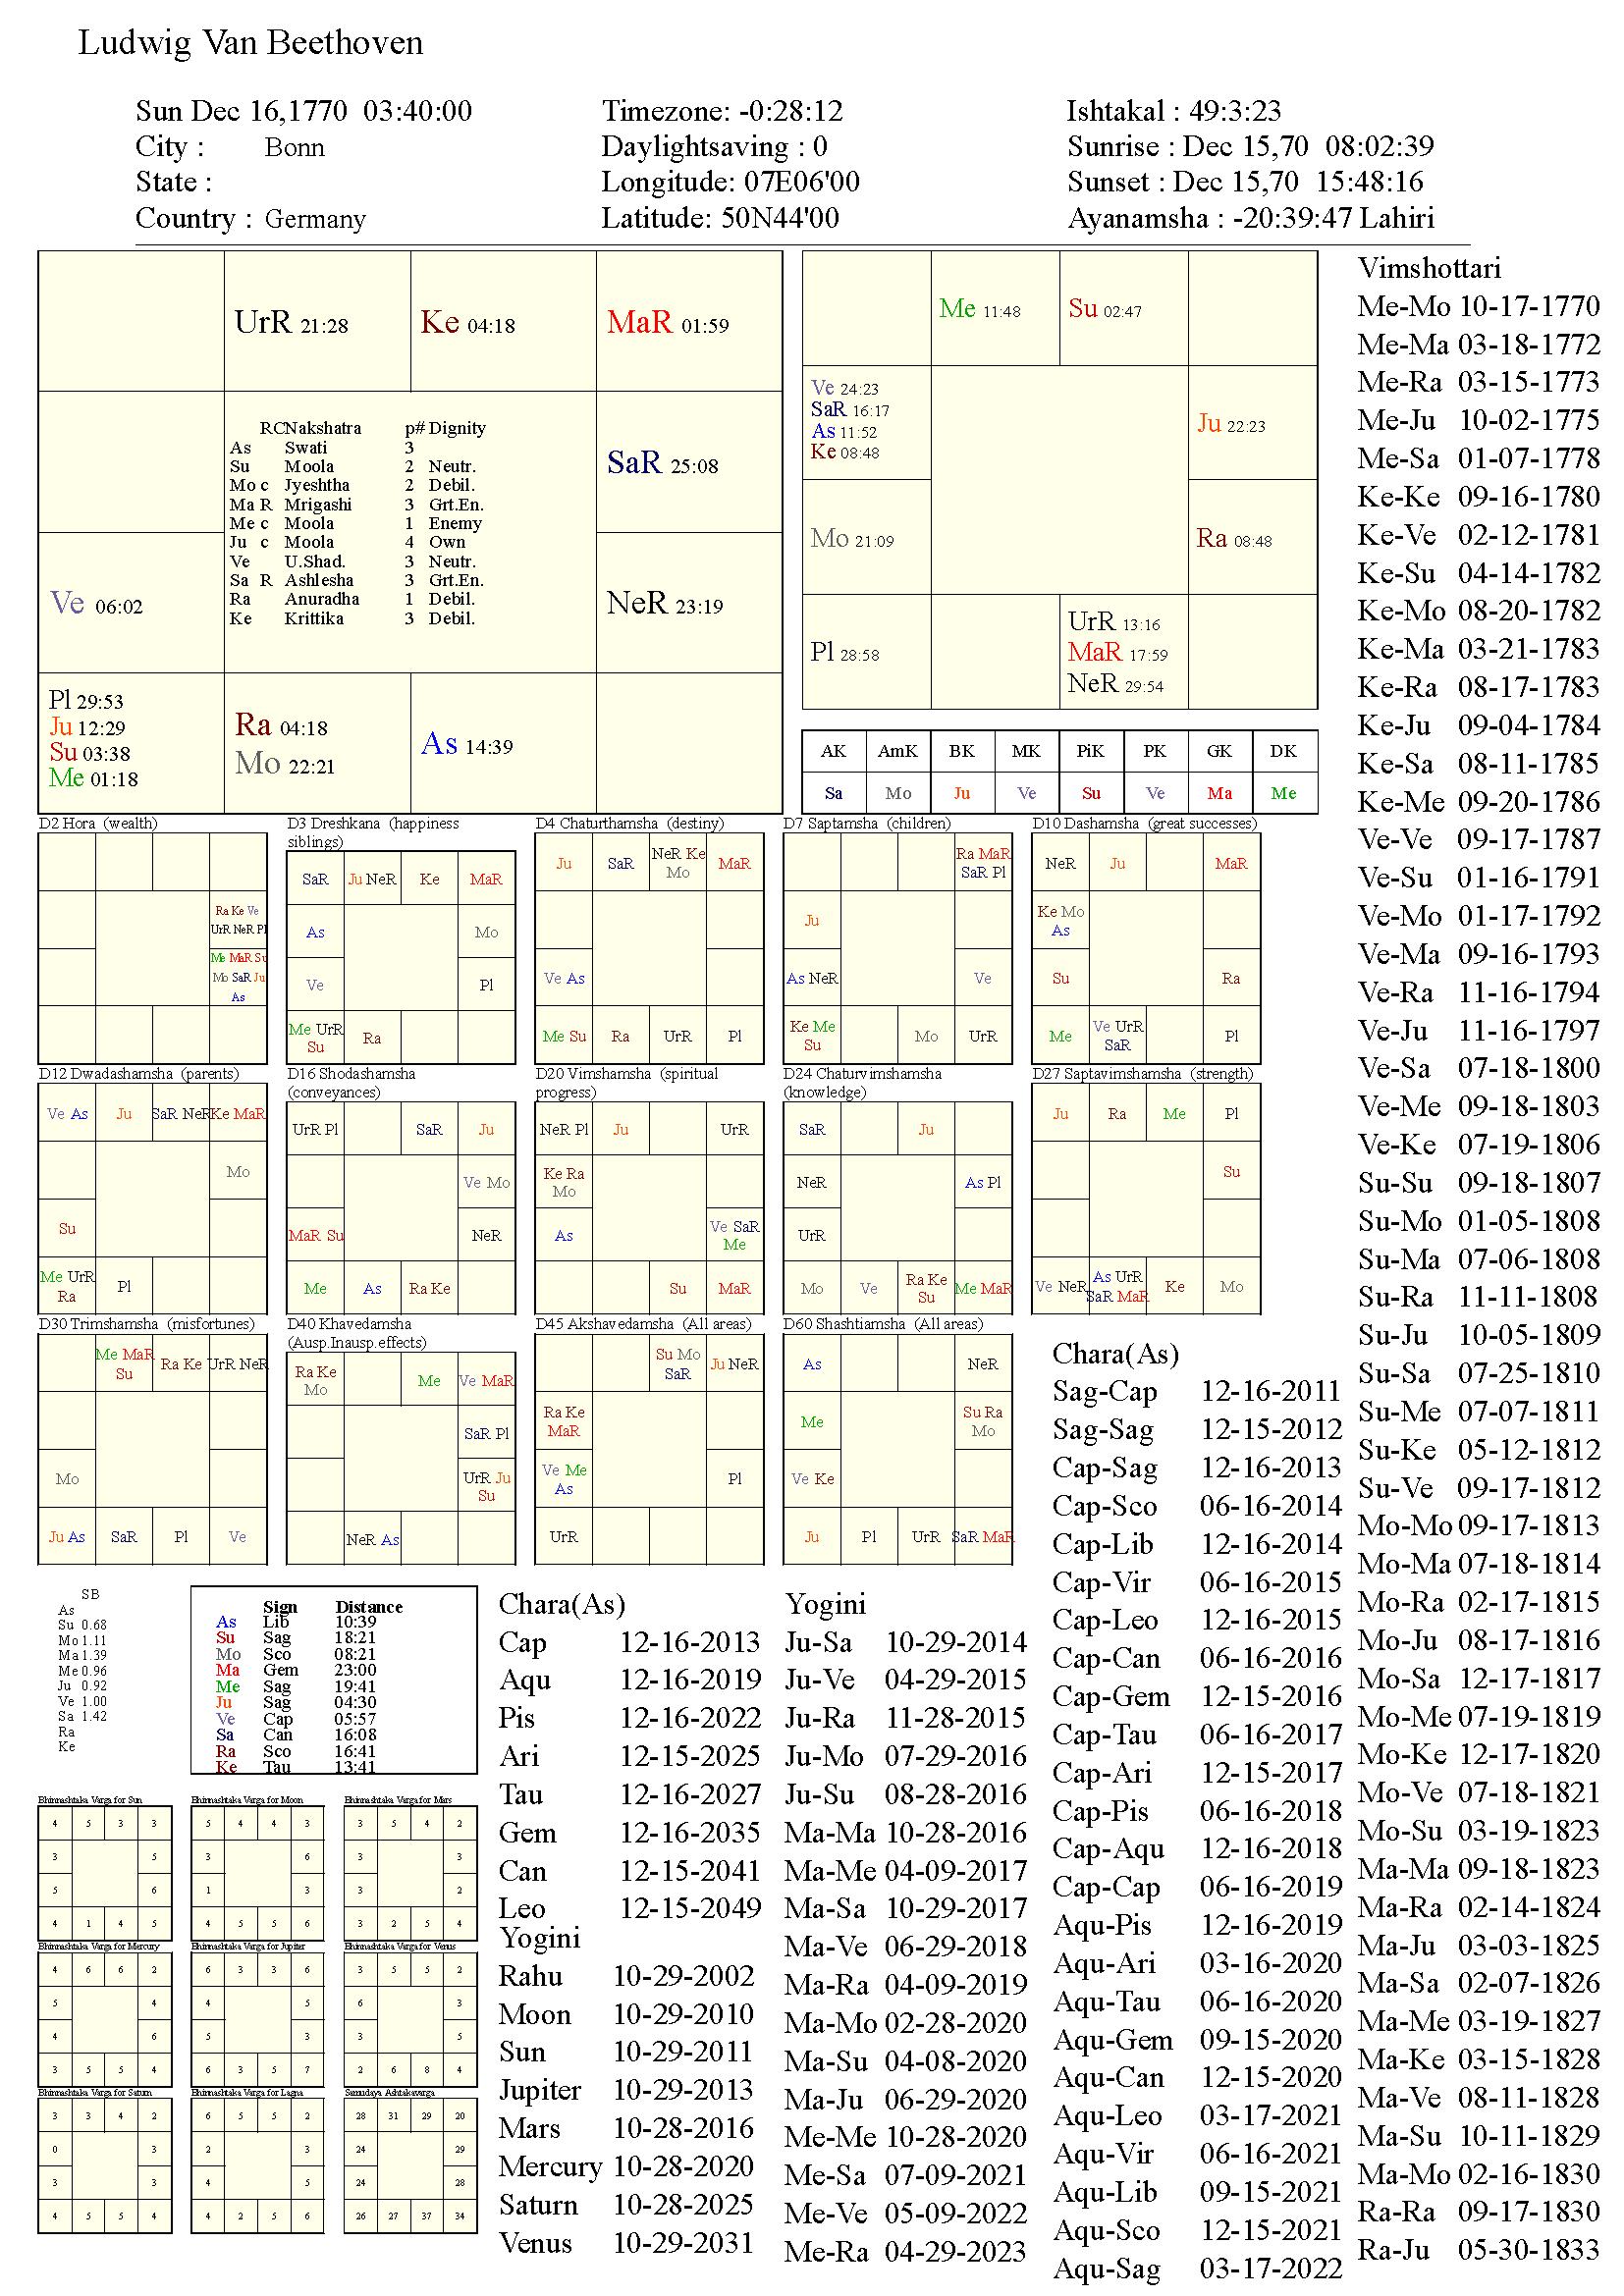 LudwigVanBeethoven_chart